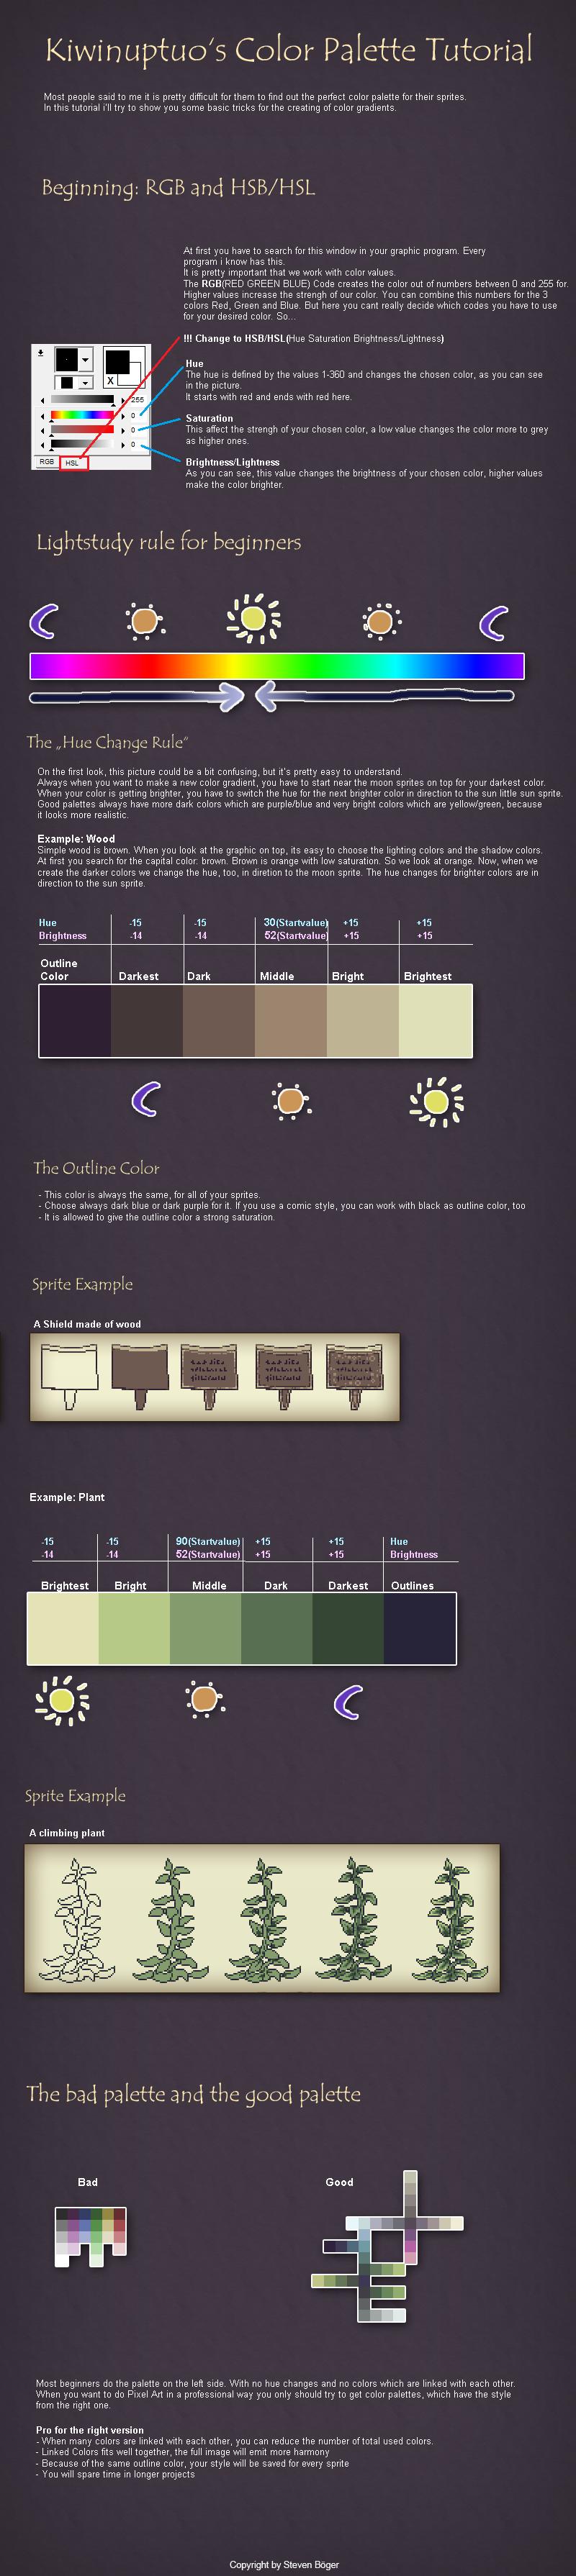 pixel_art_colors